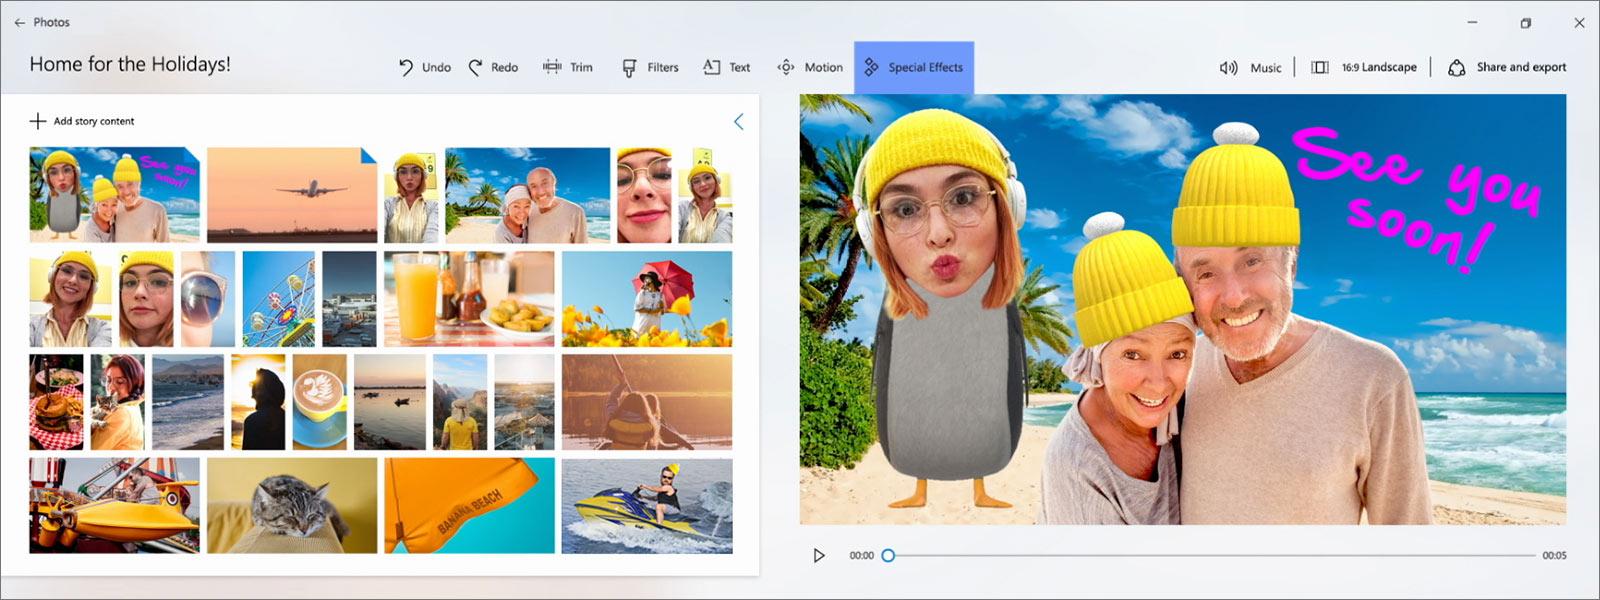 Bilder-app i Windows 10